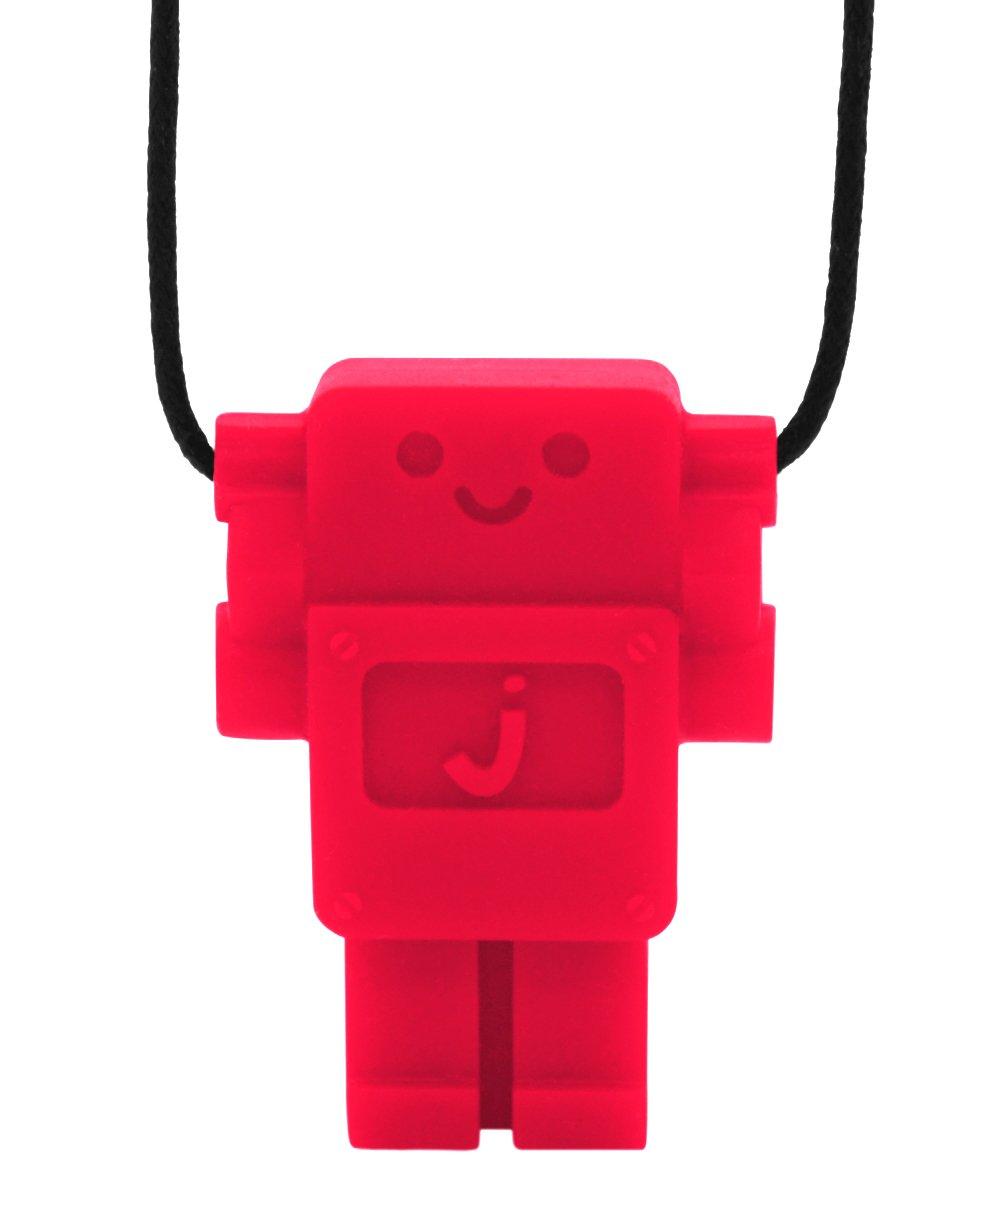 ママがつけるお子様用歯固めペンダント jellystone ジェリーストーン ロボット レッド  レッド B007ZDZU2I